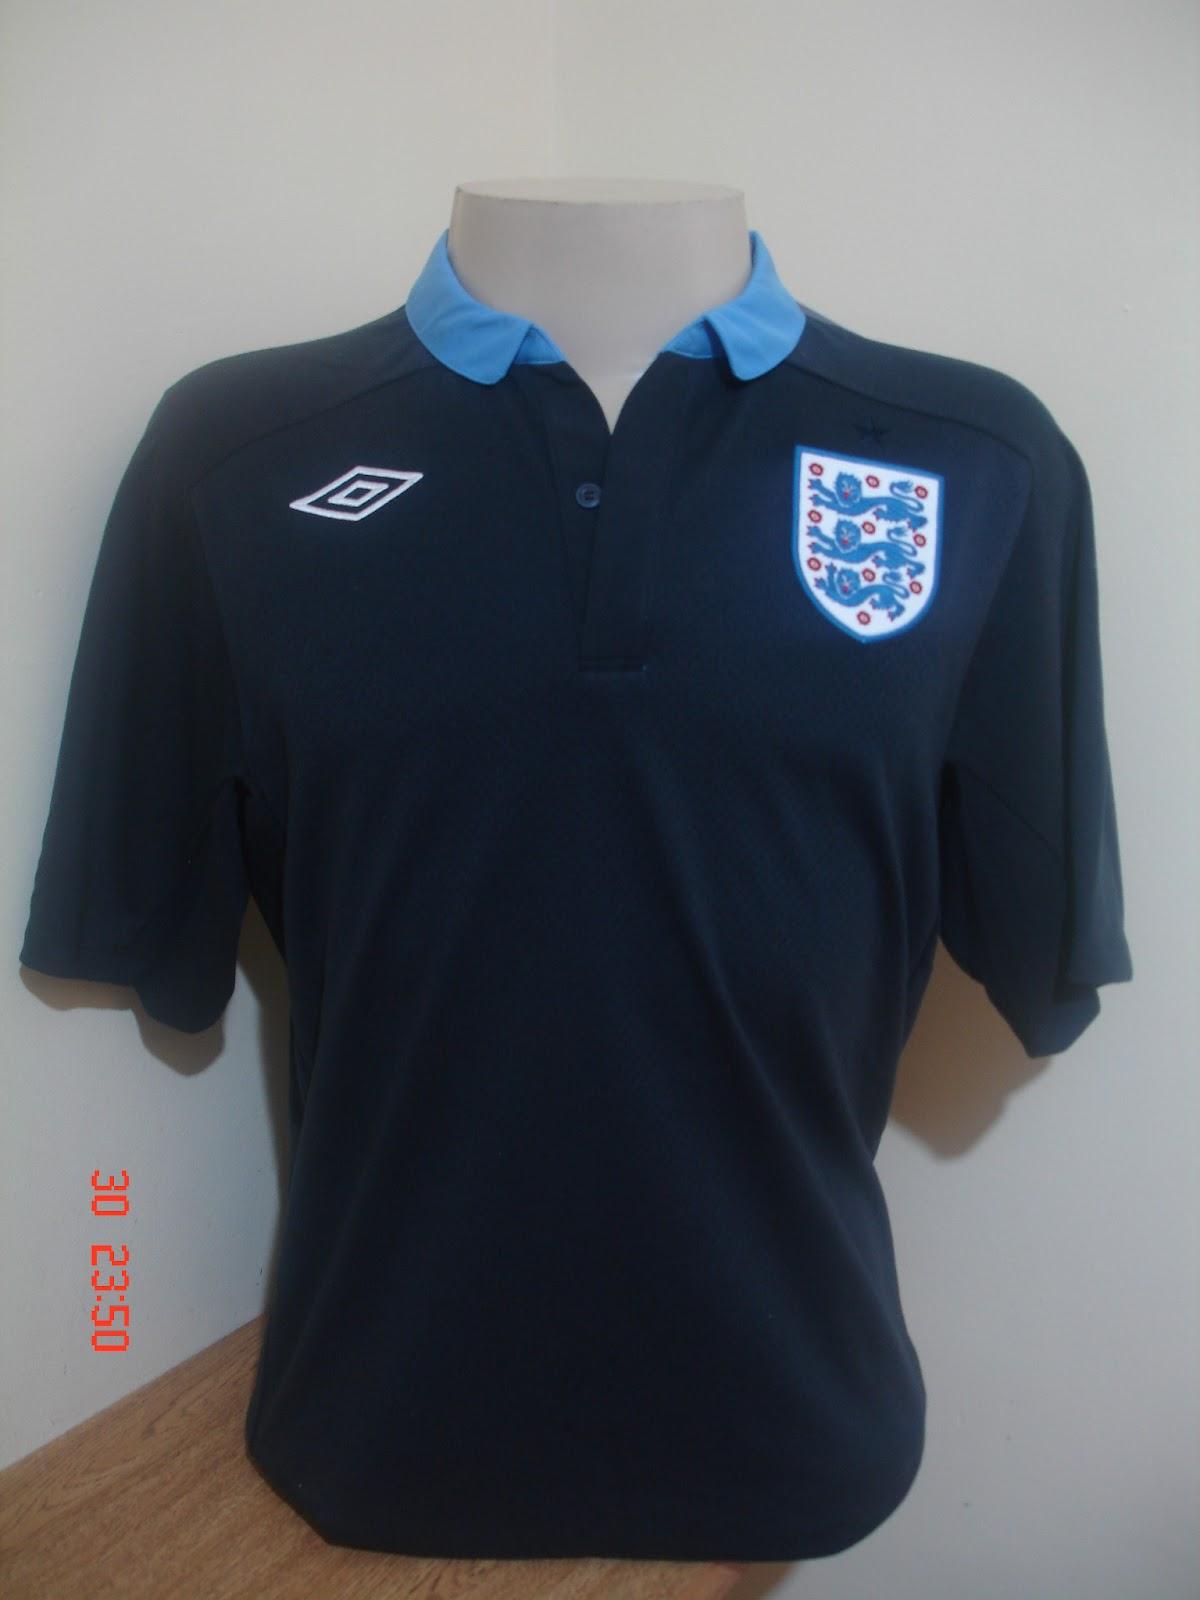 A seleção brasileira de futebol jogou a copa do mundo de 2010 com uma  camisa amerela bem simples 33da3eebc1c17